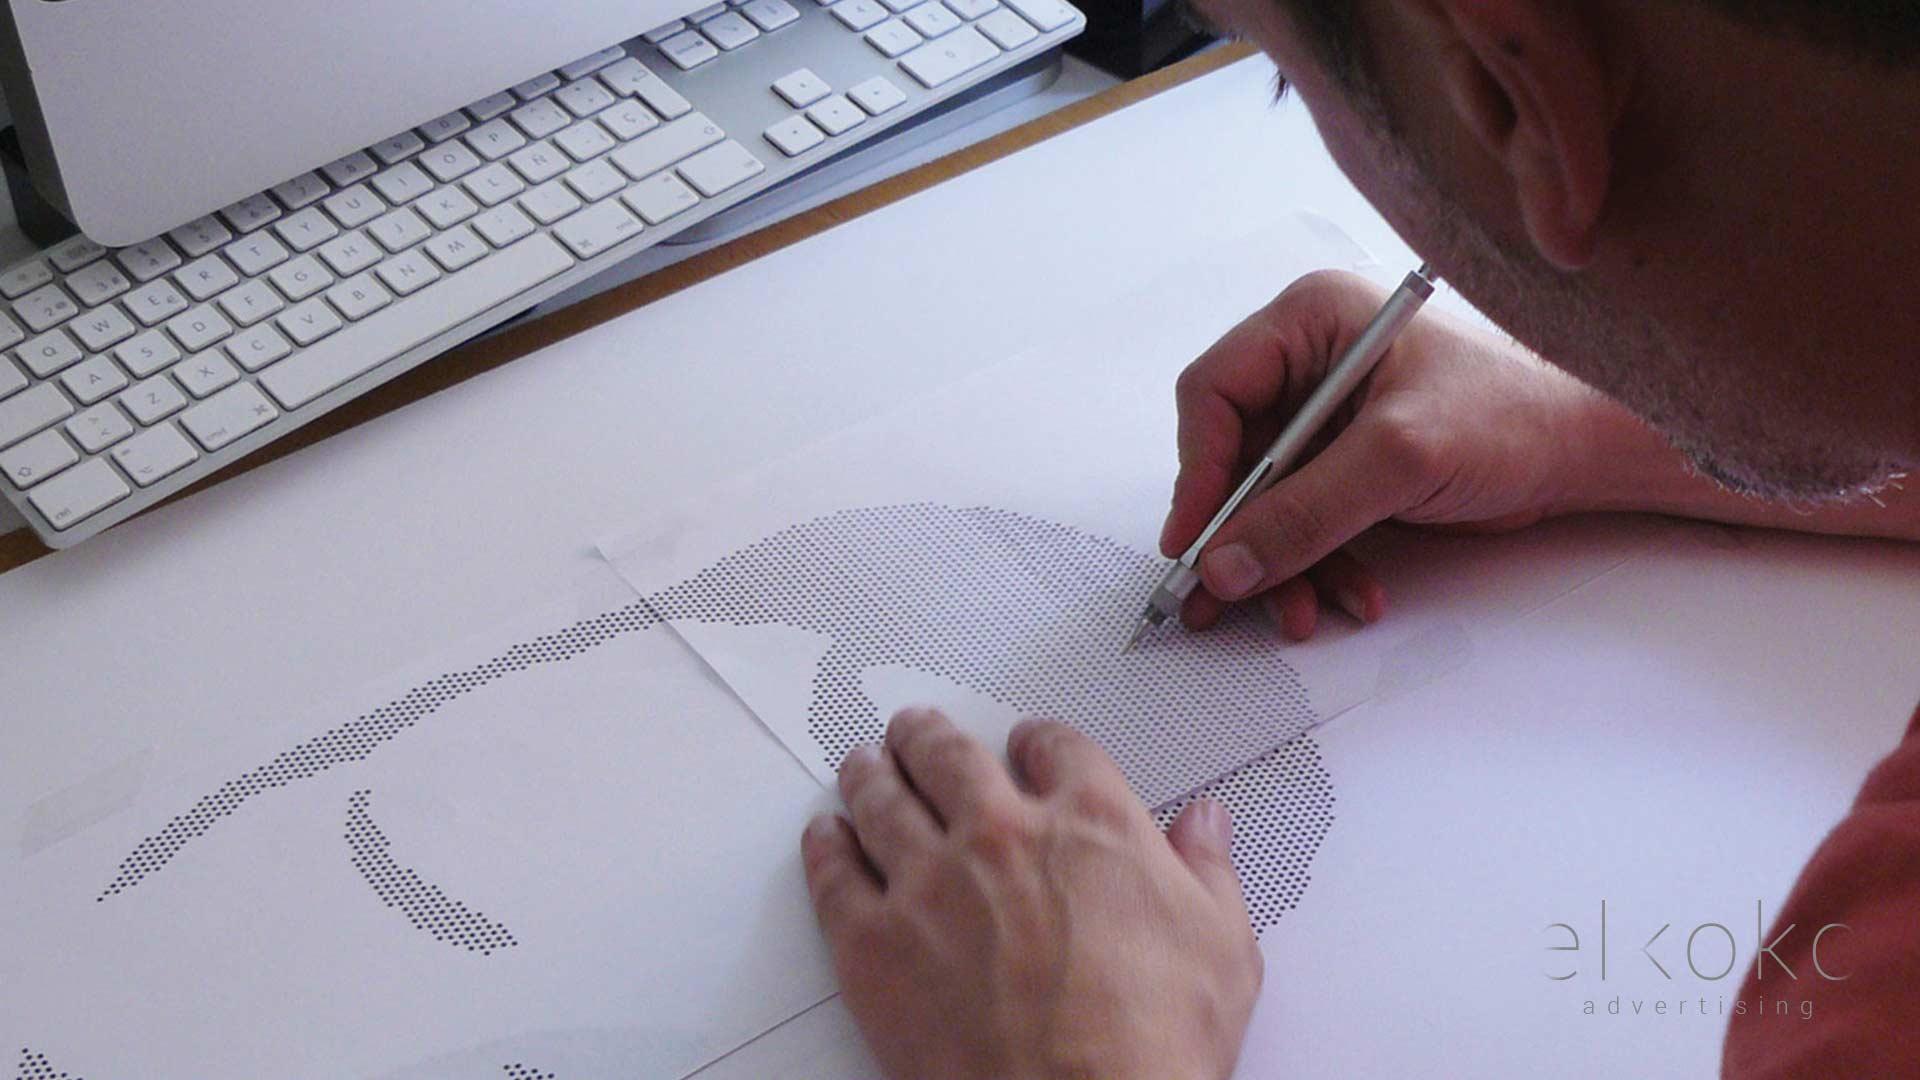 Diseño gráfico artesanal en Málaga. Diseño gráfico 3D. Elkoko.